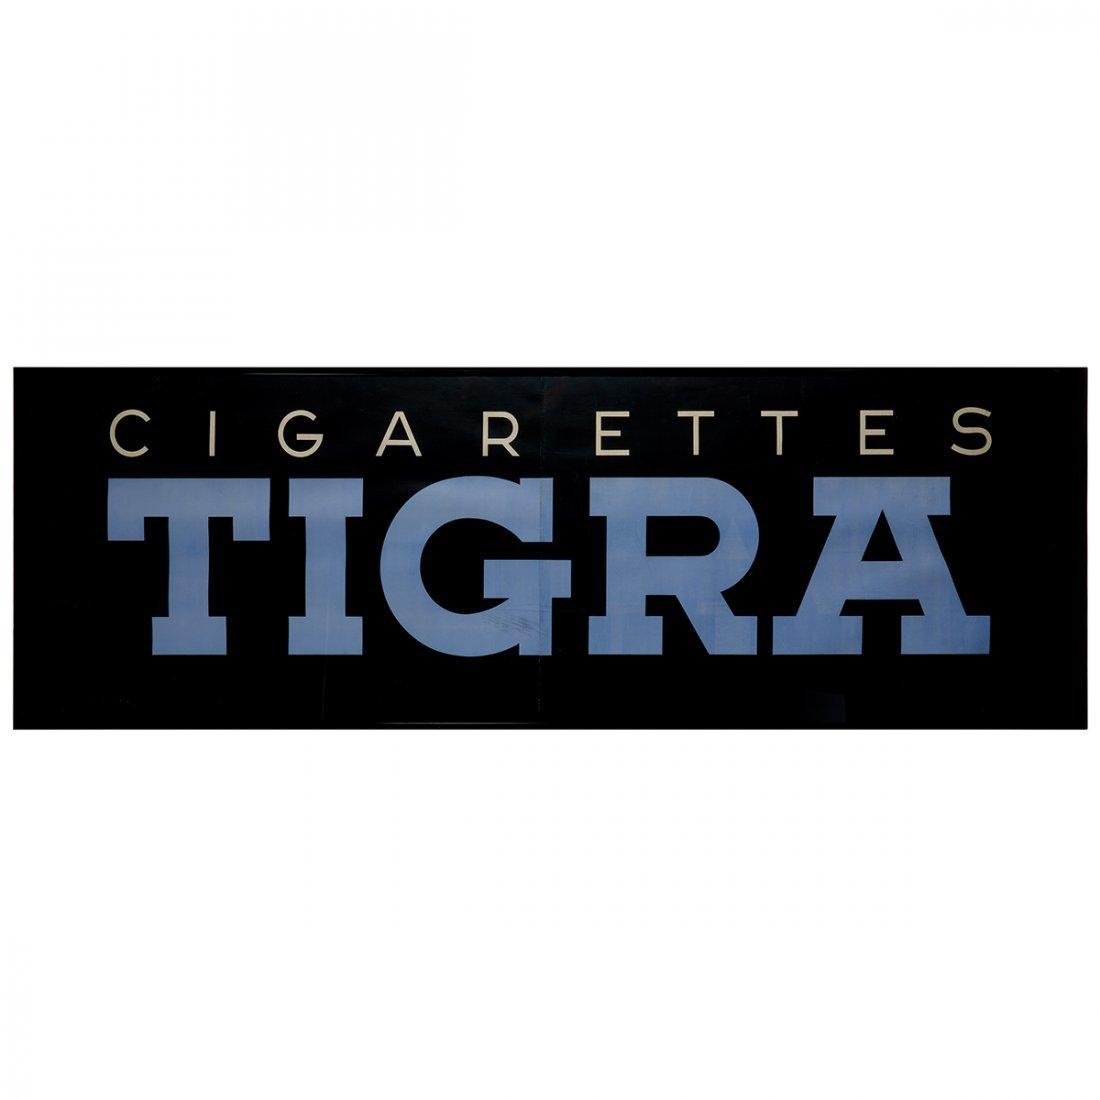 Paul Colin, Cigarettes Tigra Part I and II - 2